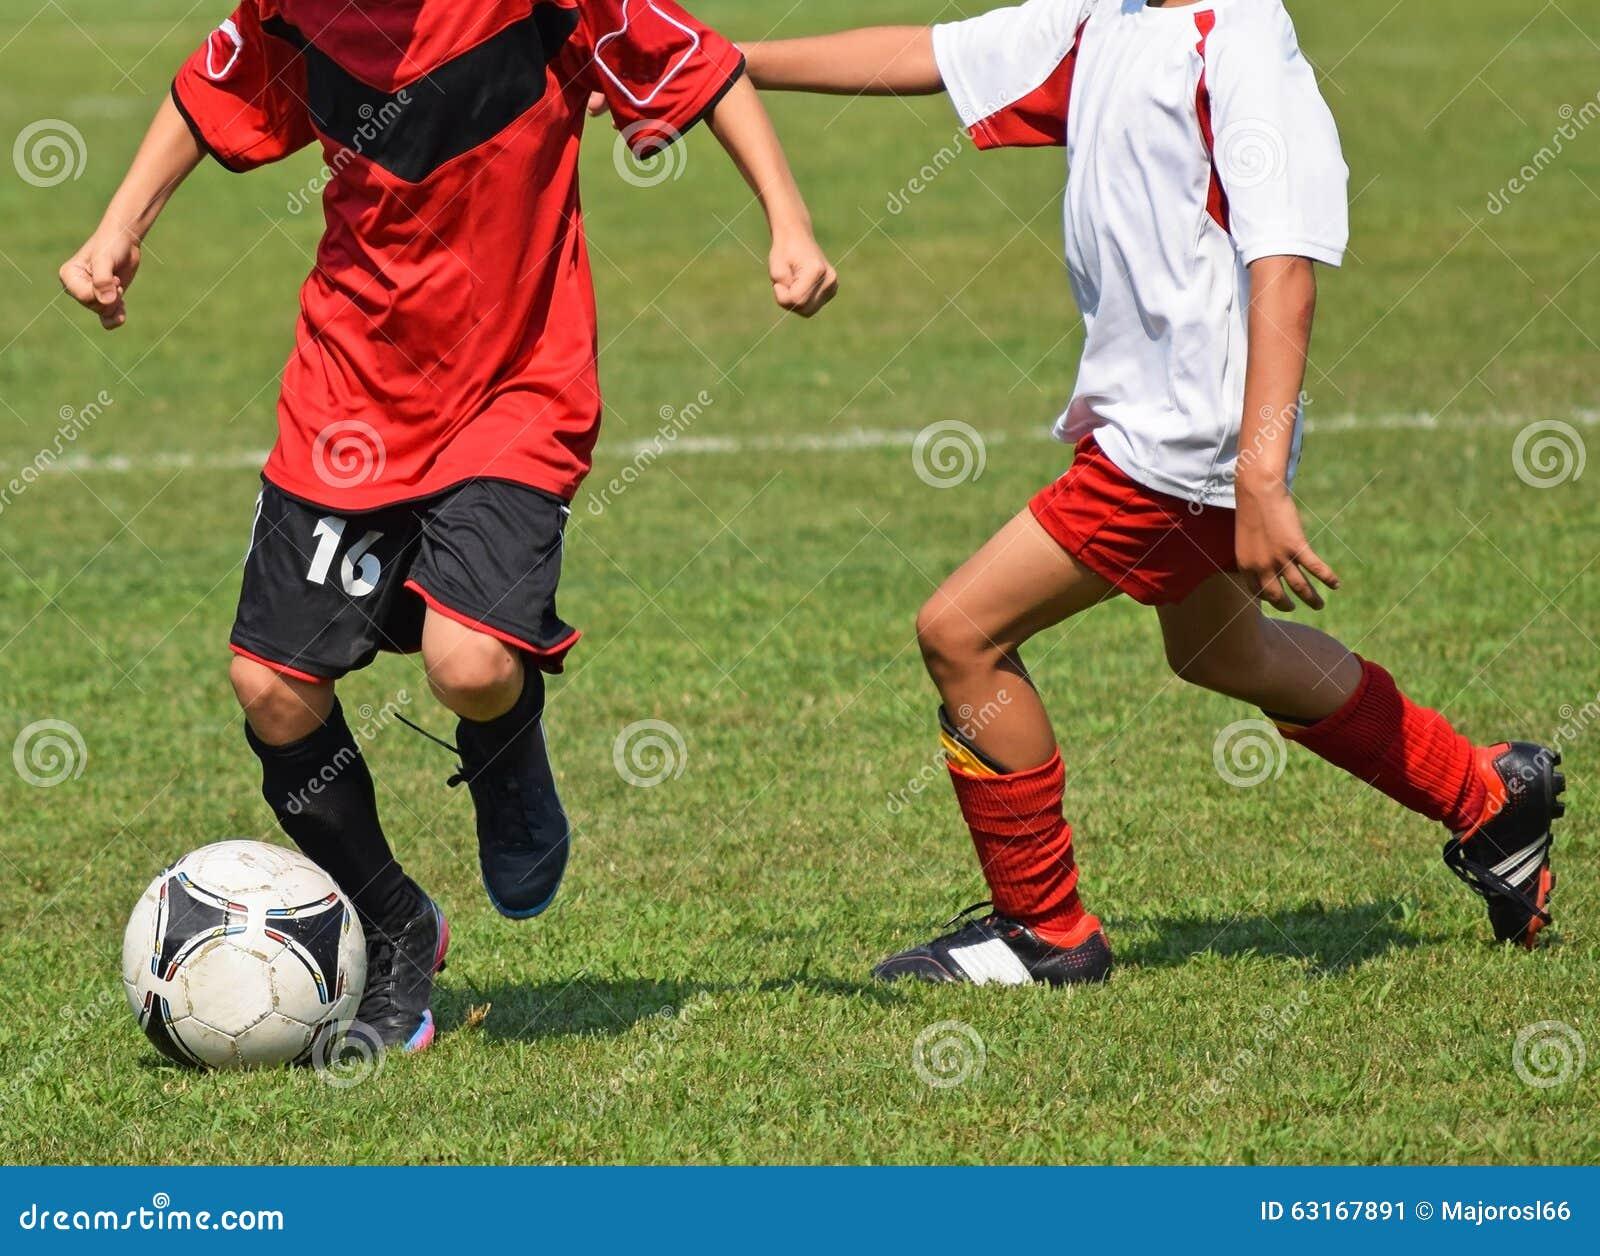 size 40 58ed9 37348 Kinder spielen Fußball stockbild. Bild von gras, kleidung ...